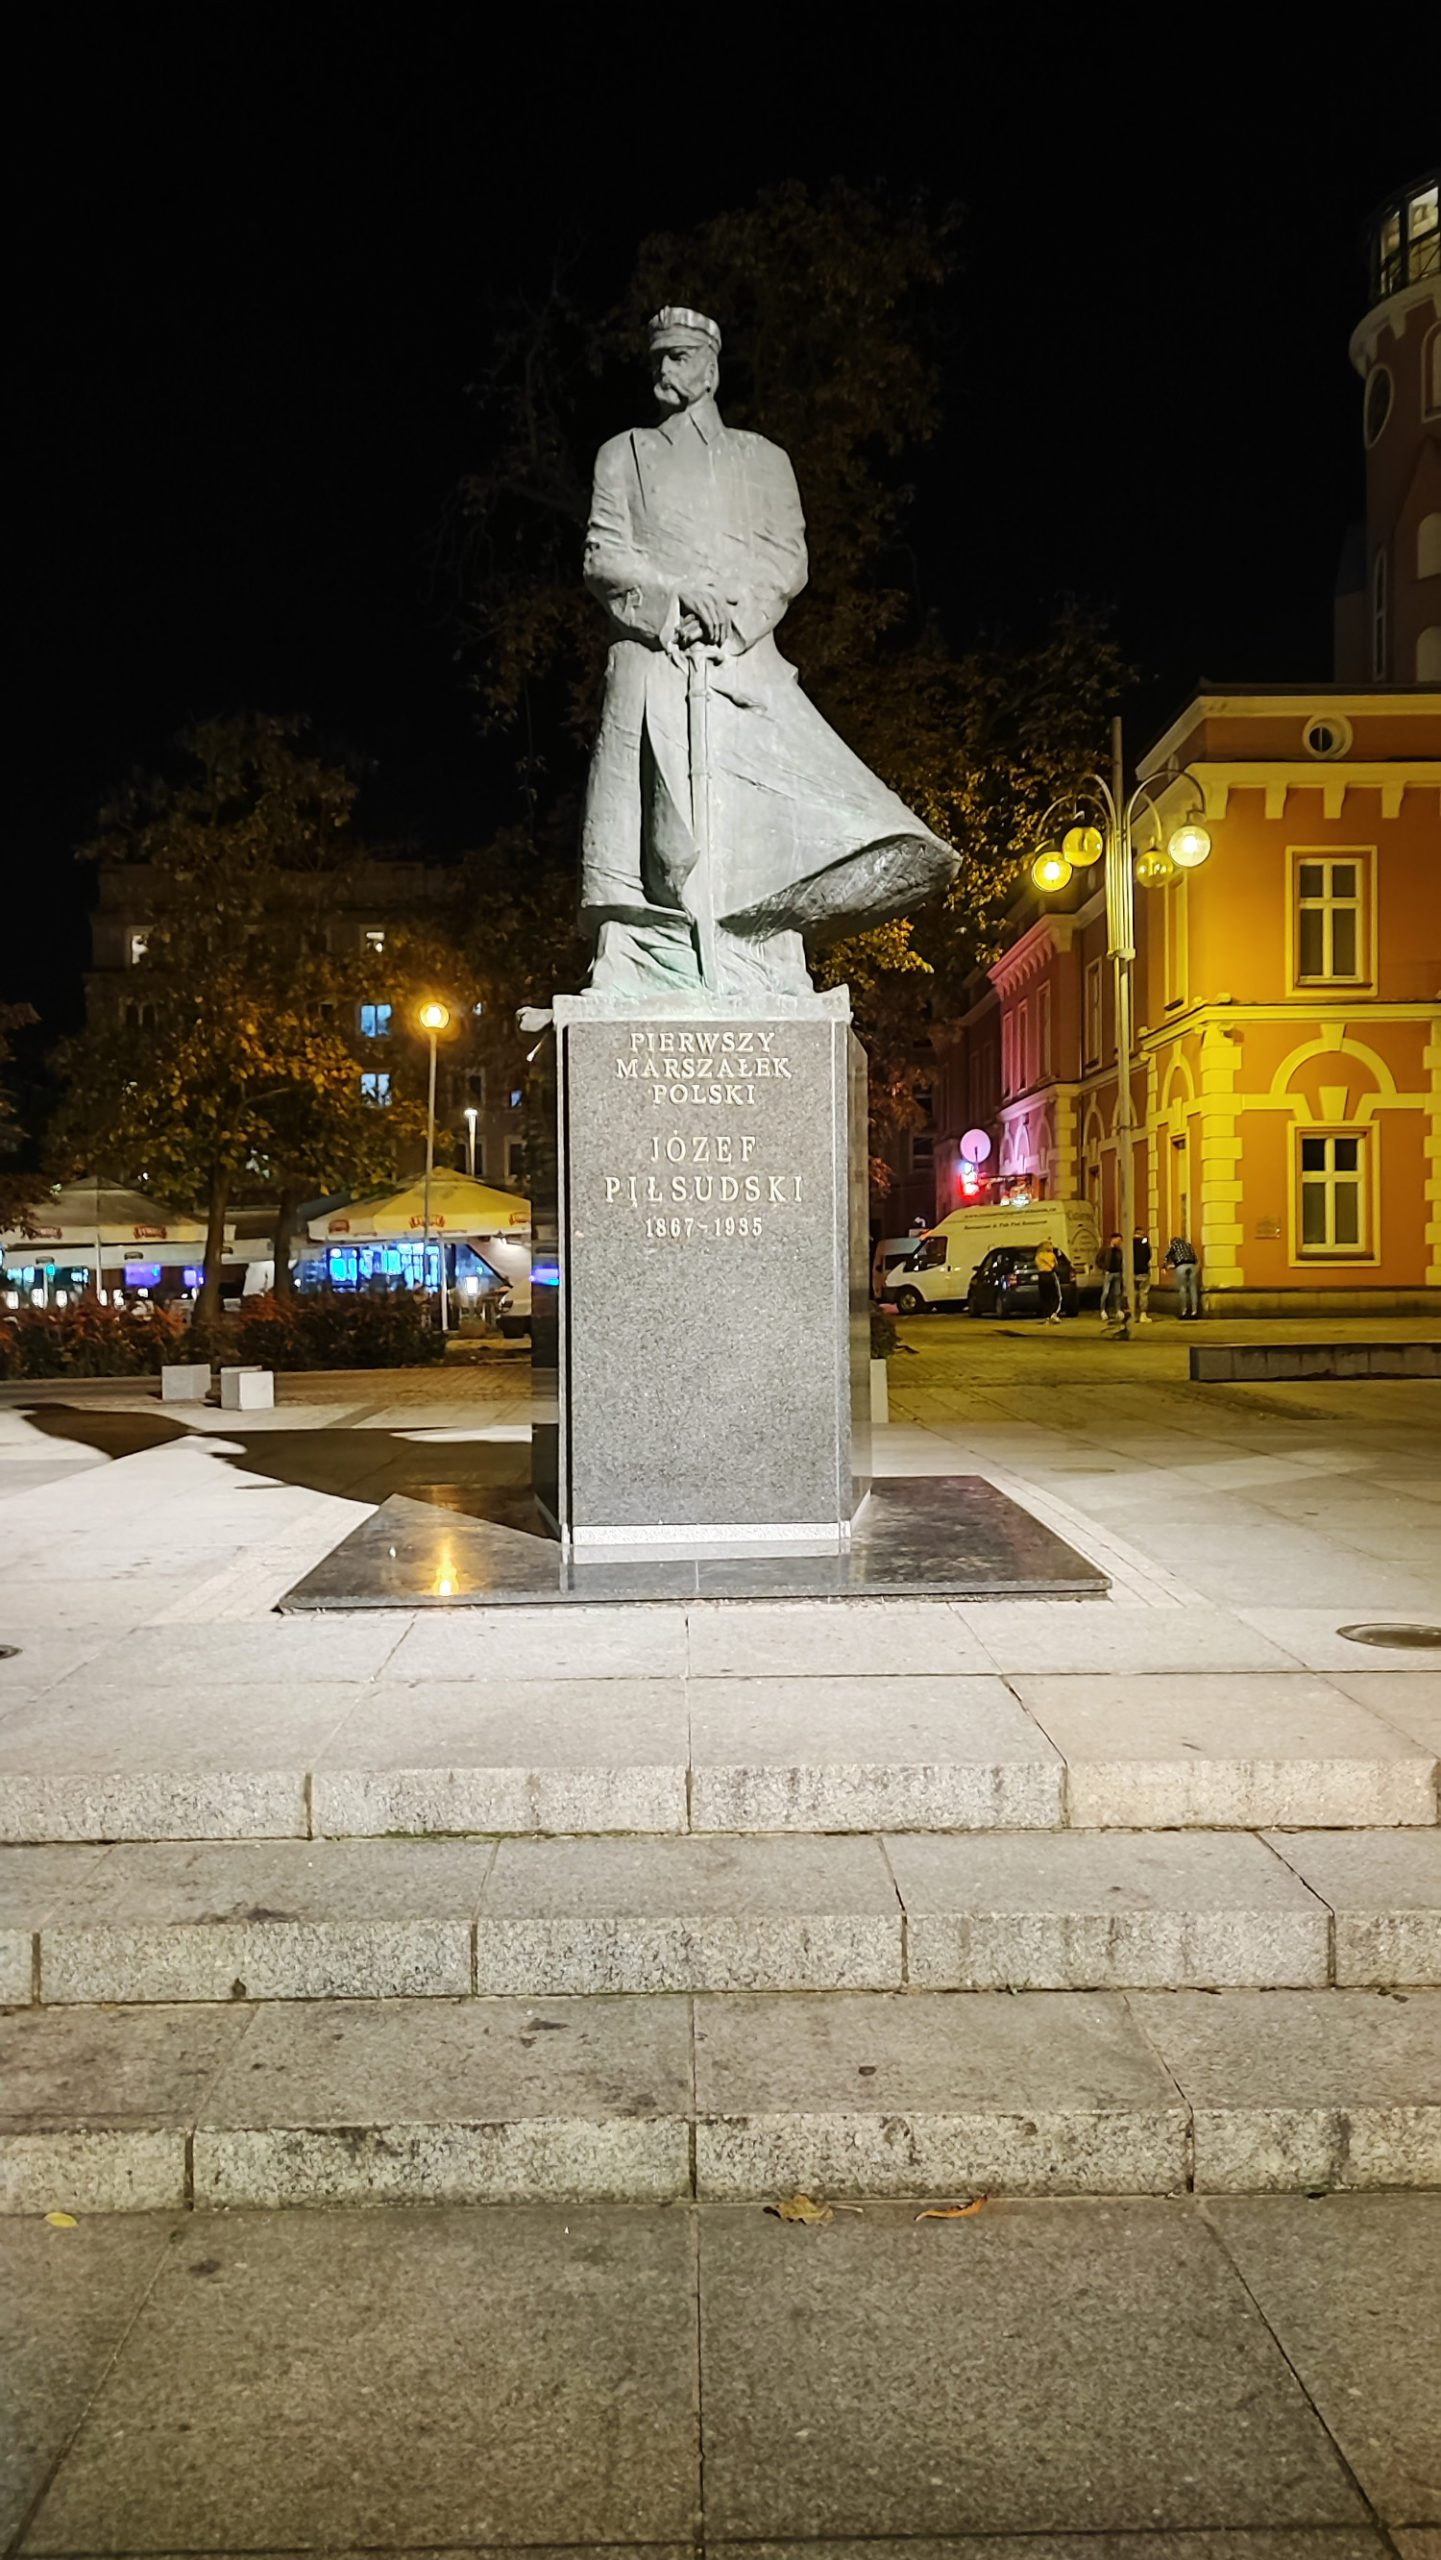 xiaomi 11t pro zdjęcie nocne pomnika